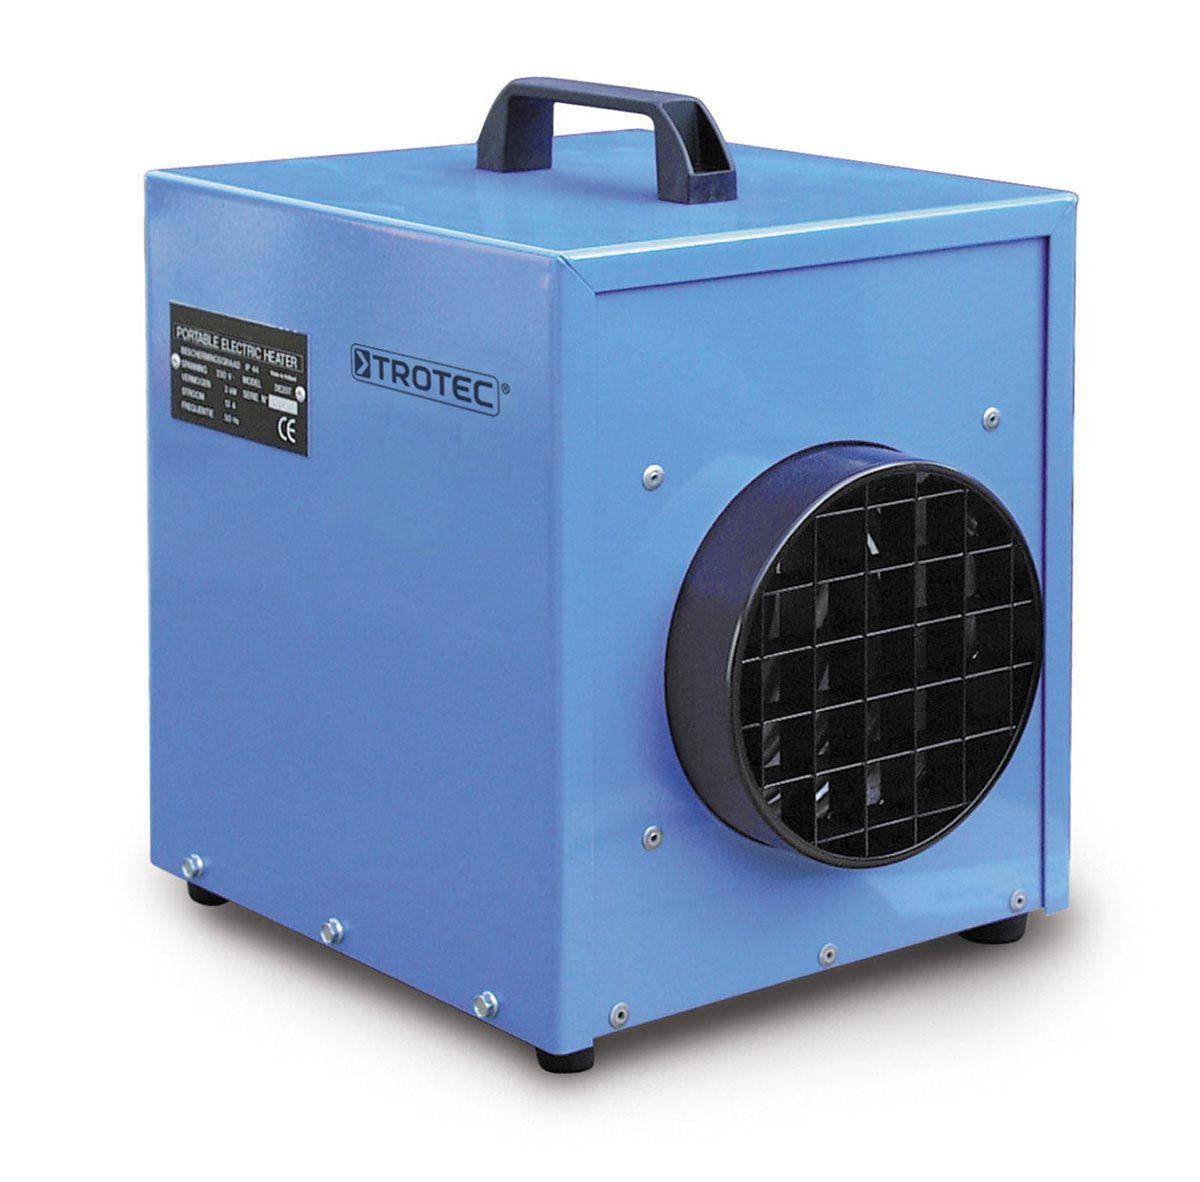 Chauffage électrique professionnel, TDE 25, blanc/gris, 230 V, 3 kW, 250 m3/h